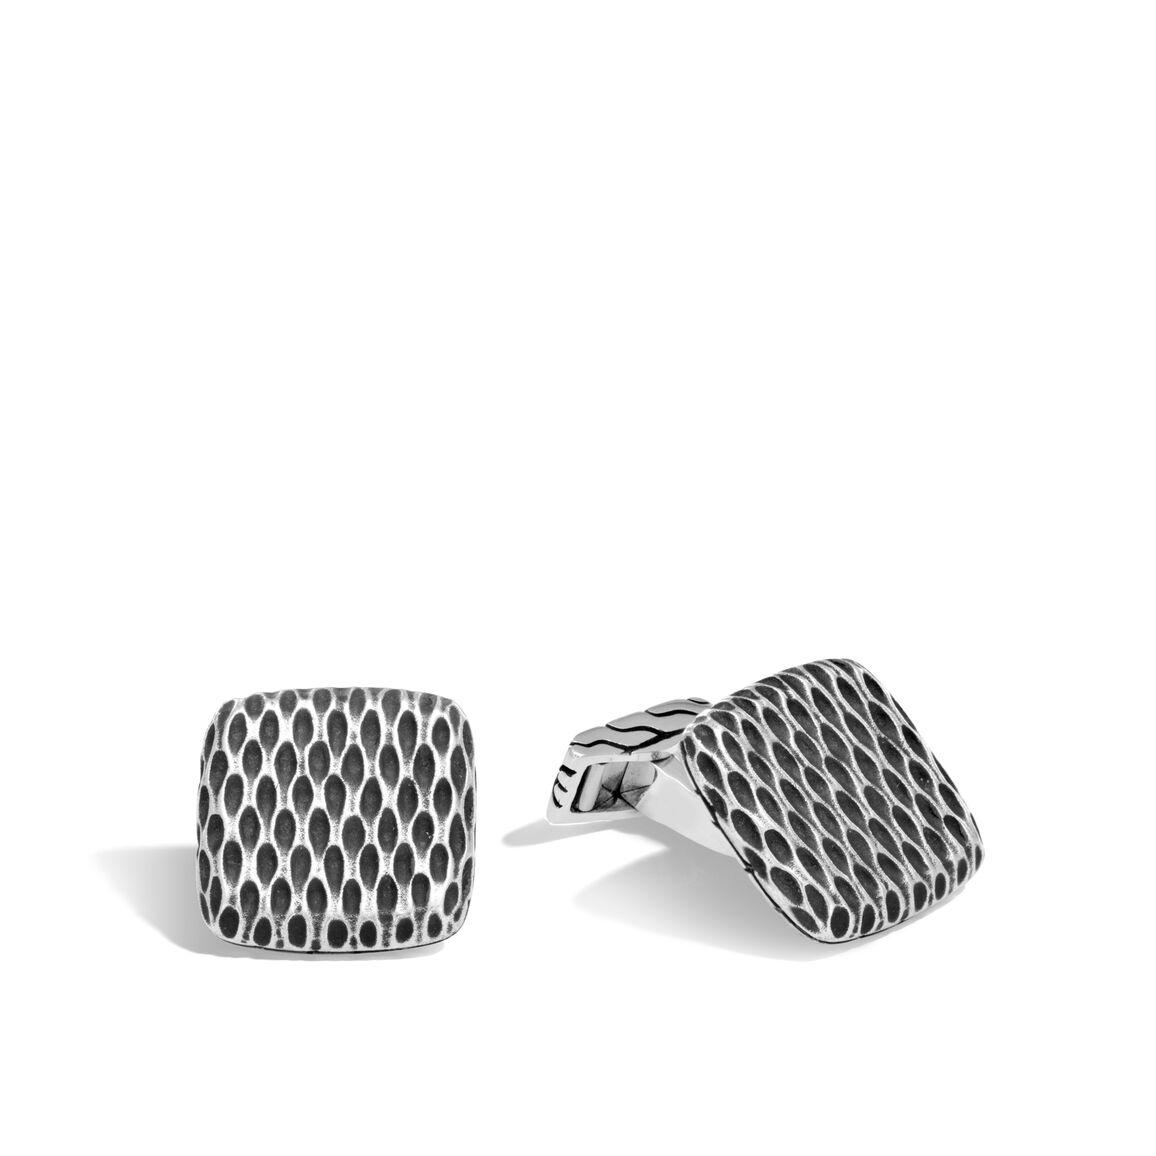 Legends Naga Cufflinks in Silver